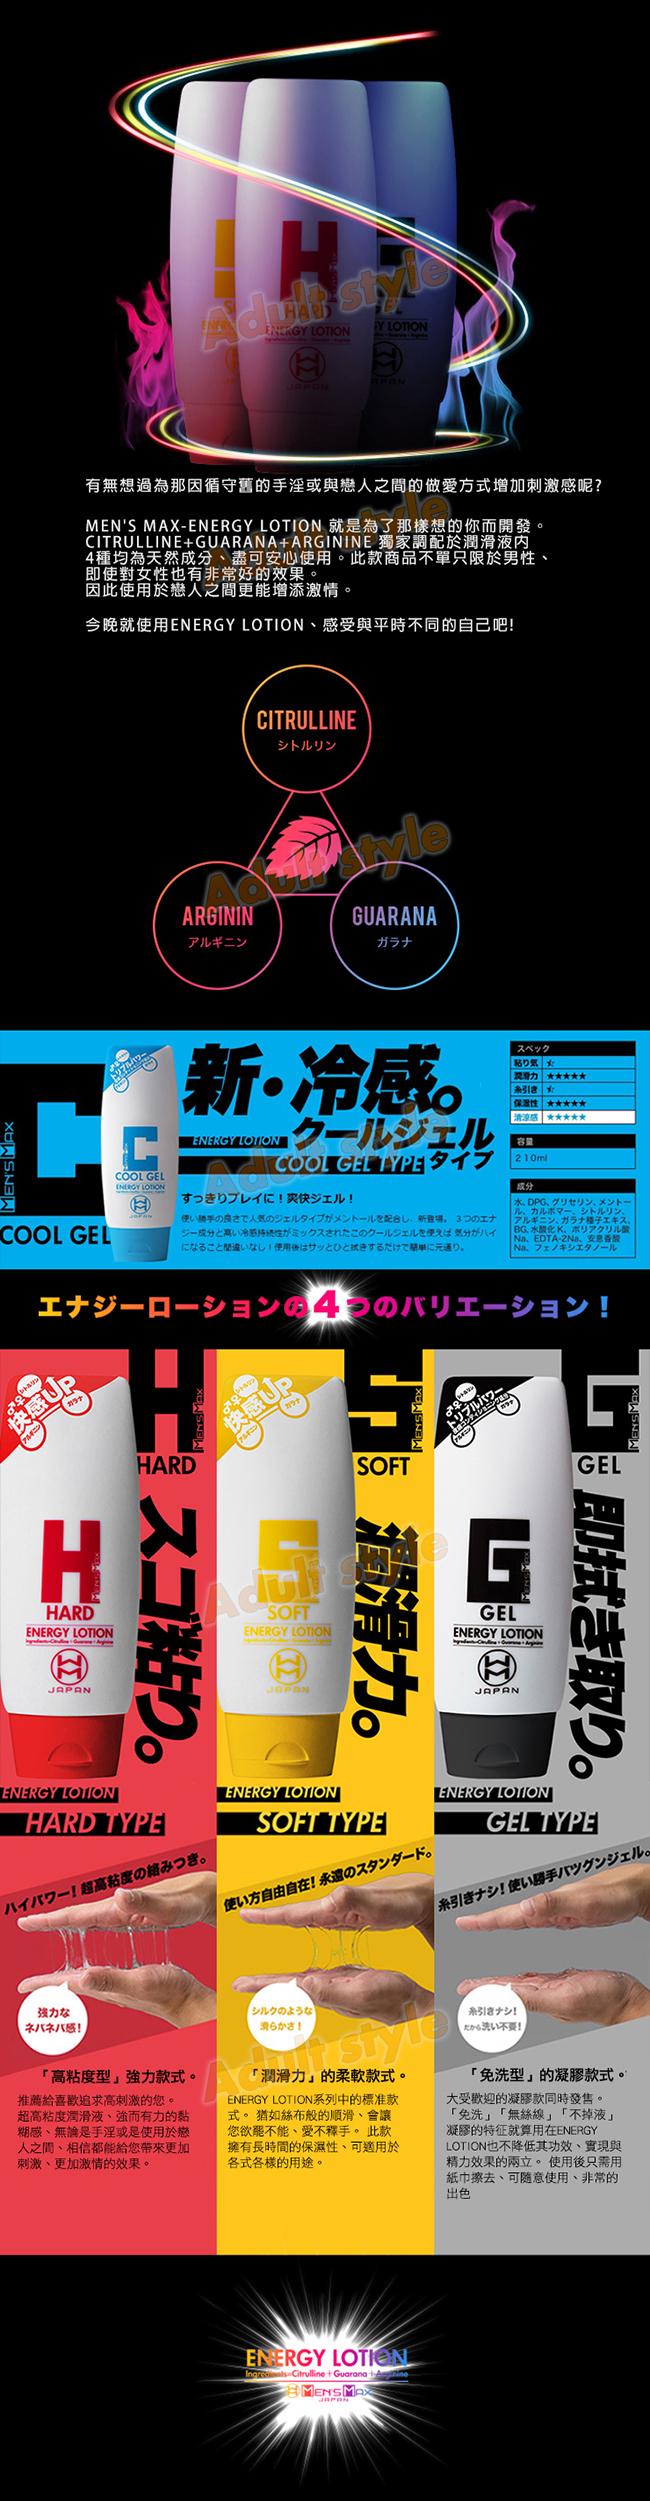 潤滑液-日本MENS MAX-ENERGY LOTION潤滑液(酷涼)